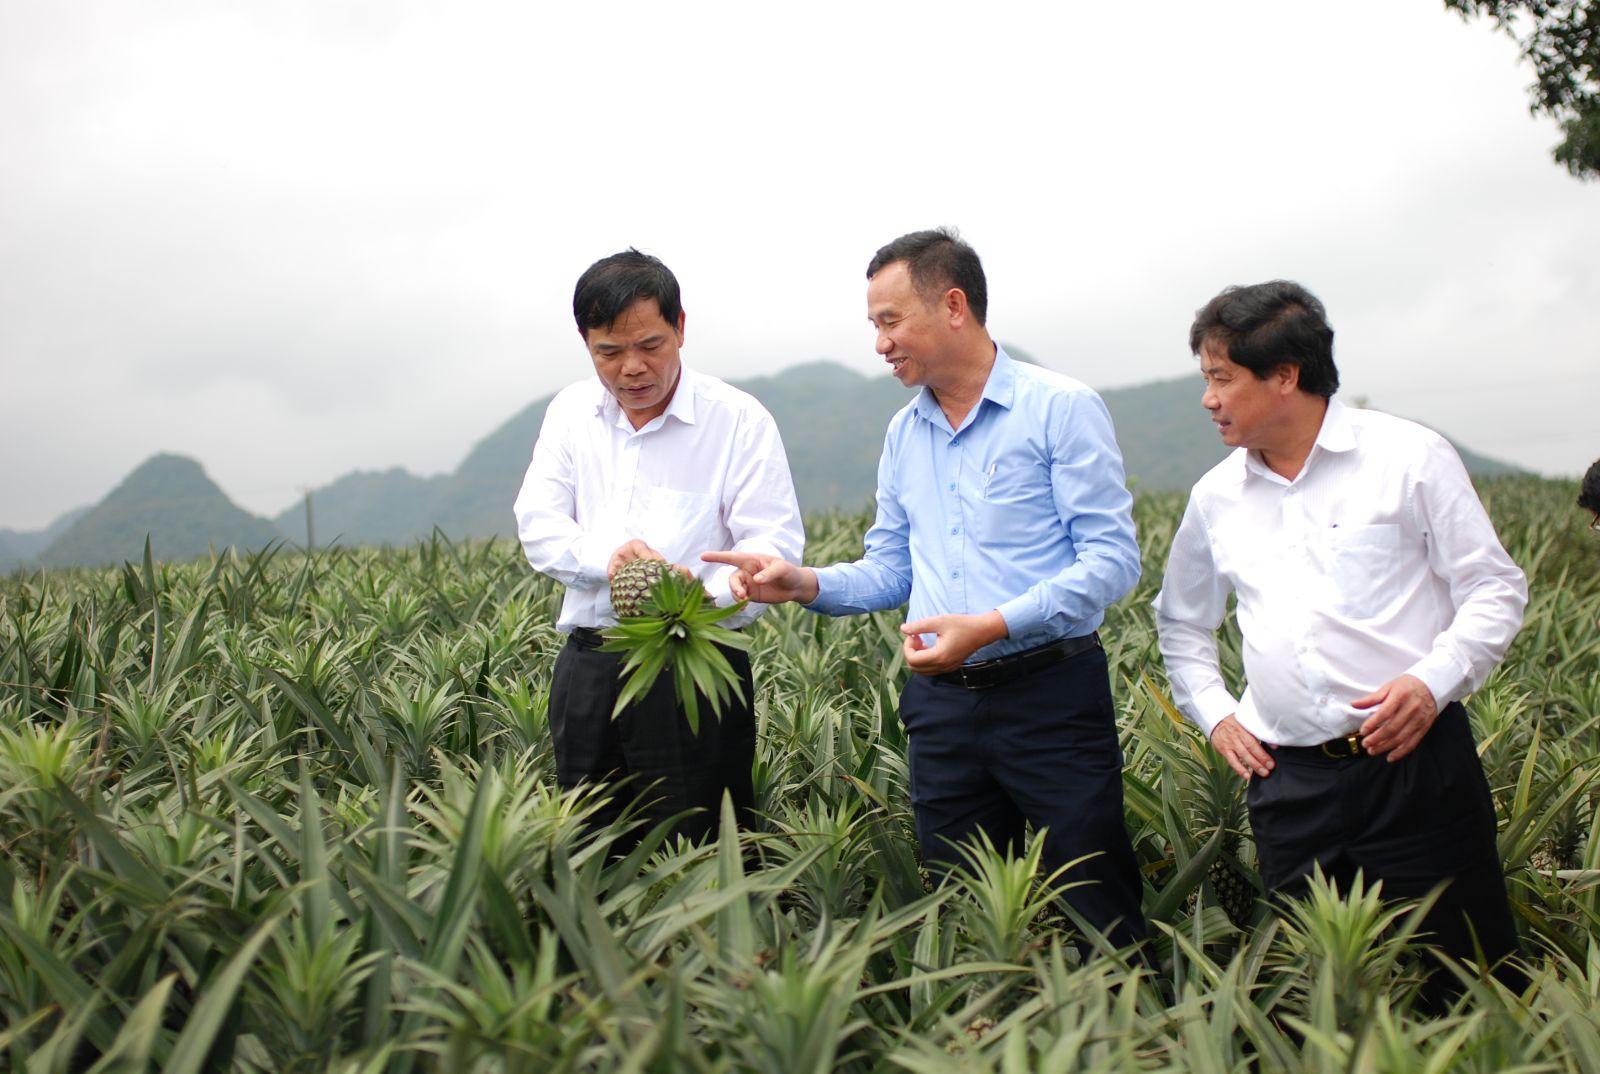 Bộ trưởng Nguyễn Xuân Cường khảo sát mô hình sản xuất nông nghiệp công nghệ cao tại tỉnh Ninh Bình